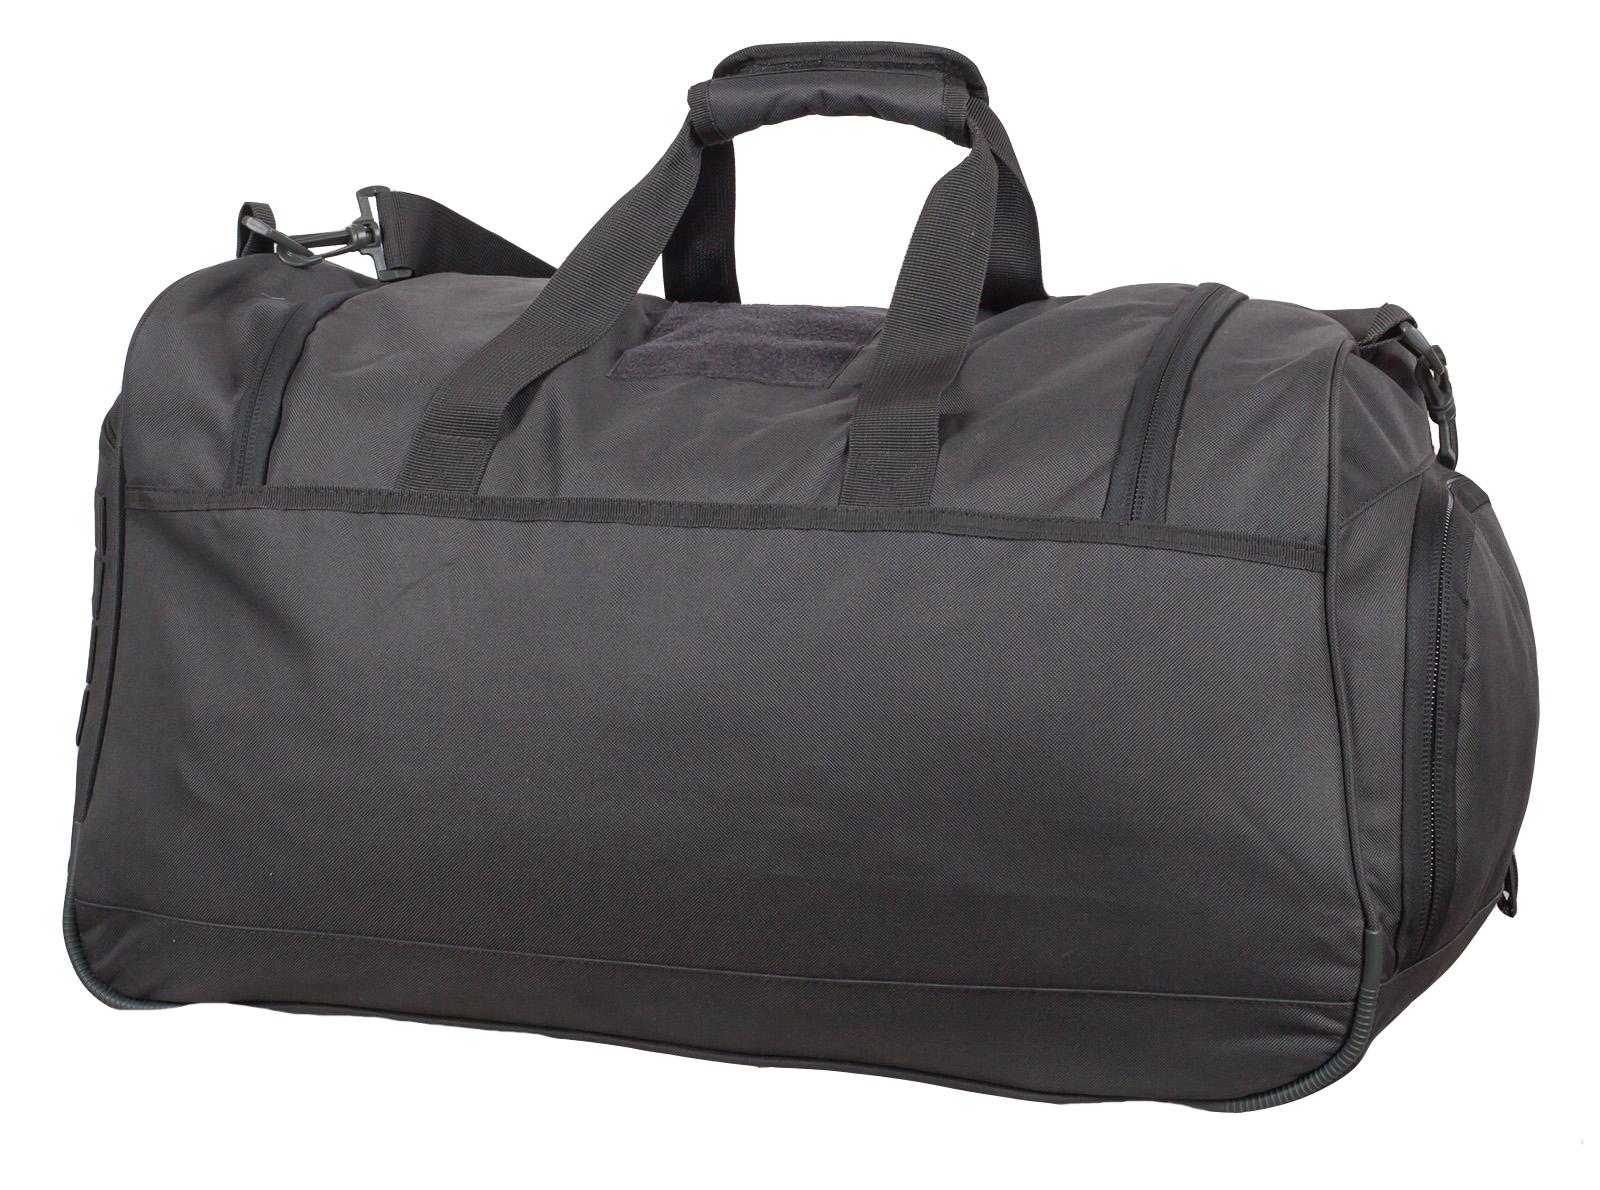 Тактическая дорожная сумка 08032B Эх, хвост, чешуя - заказать онлайн